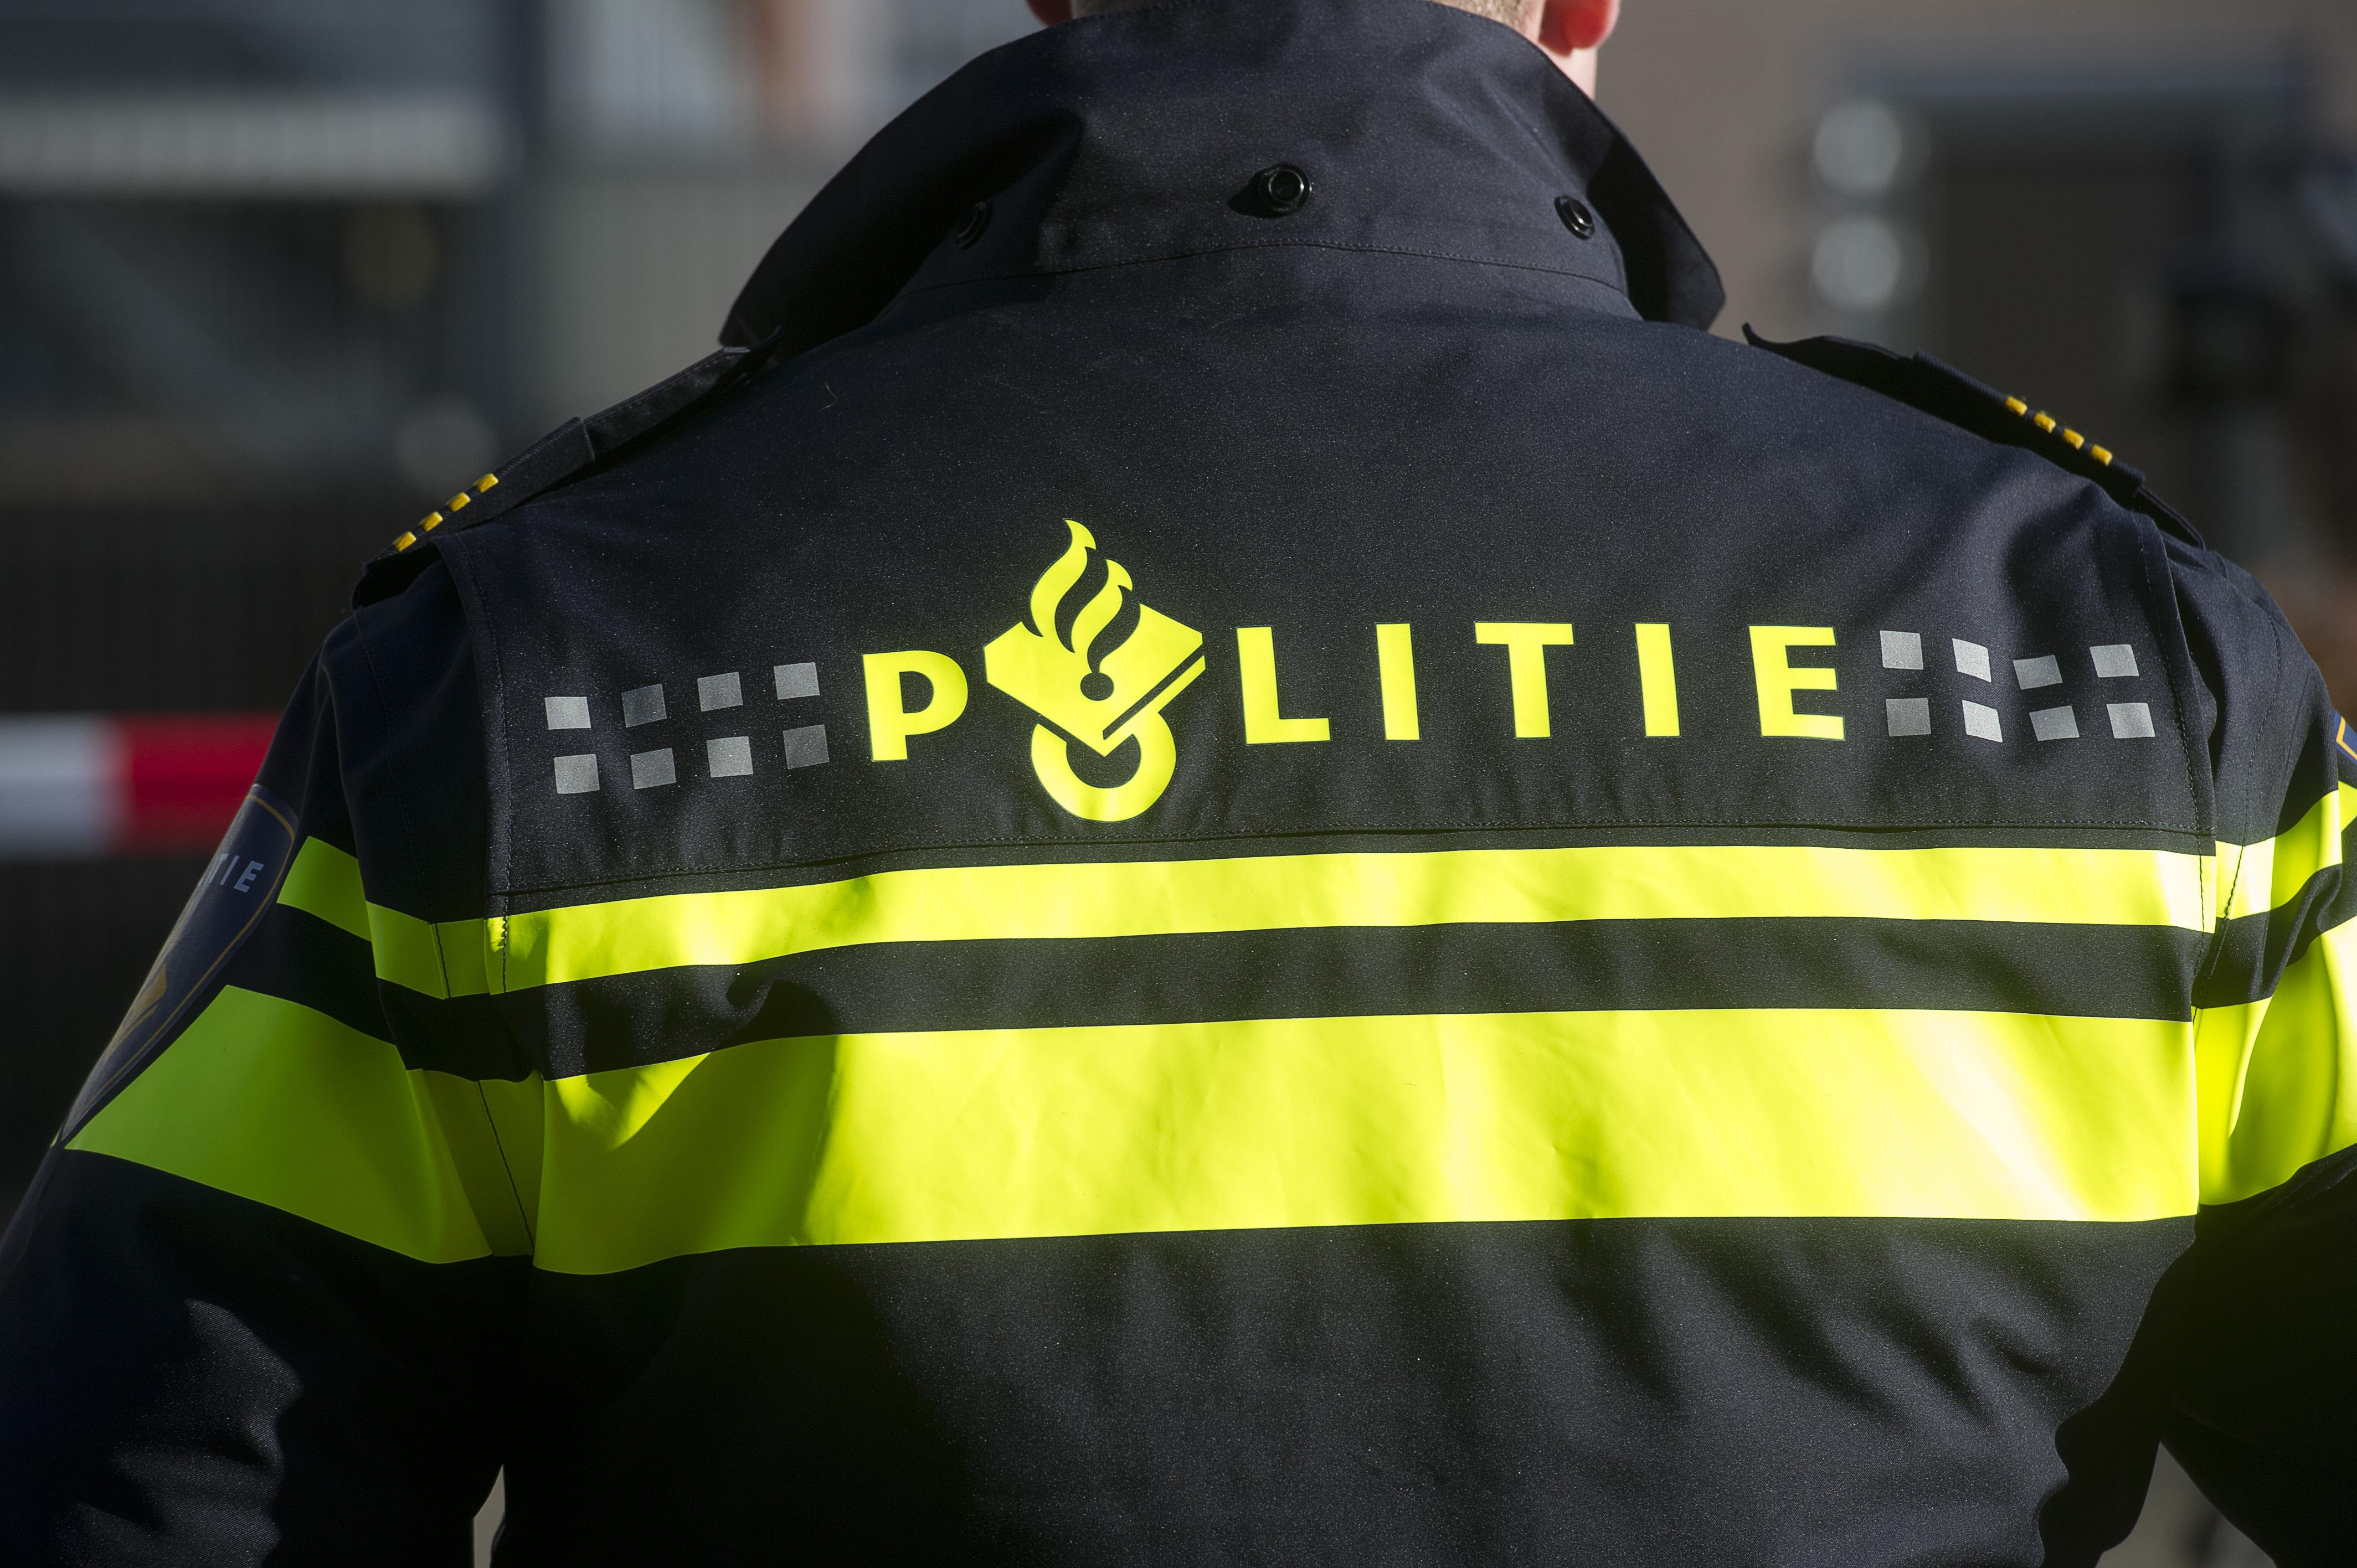 Twee mannen aangehouden bij afvalbrengstation in Bunschoten-Spakenburg